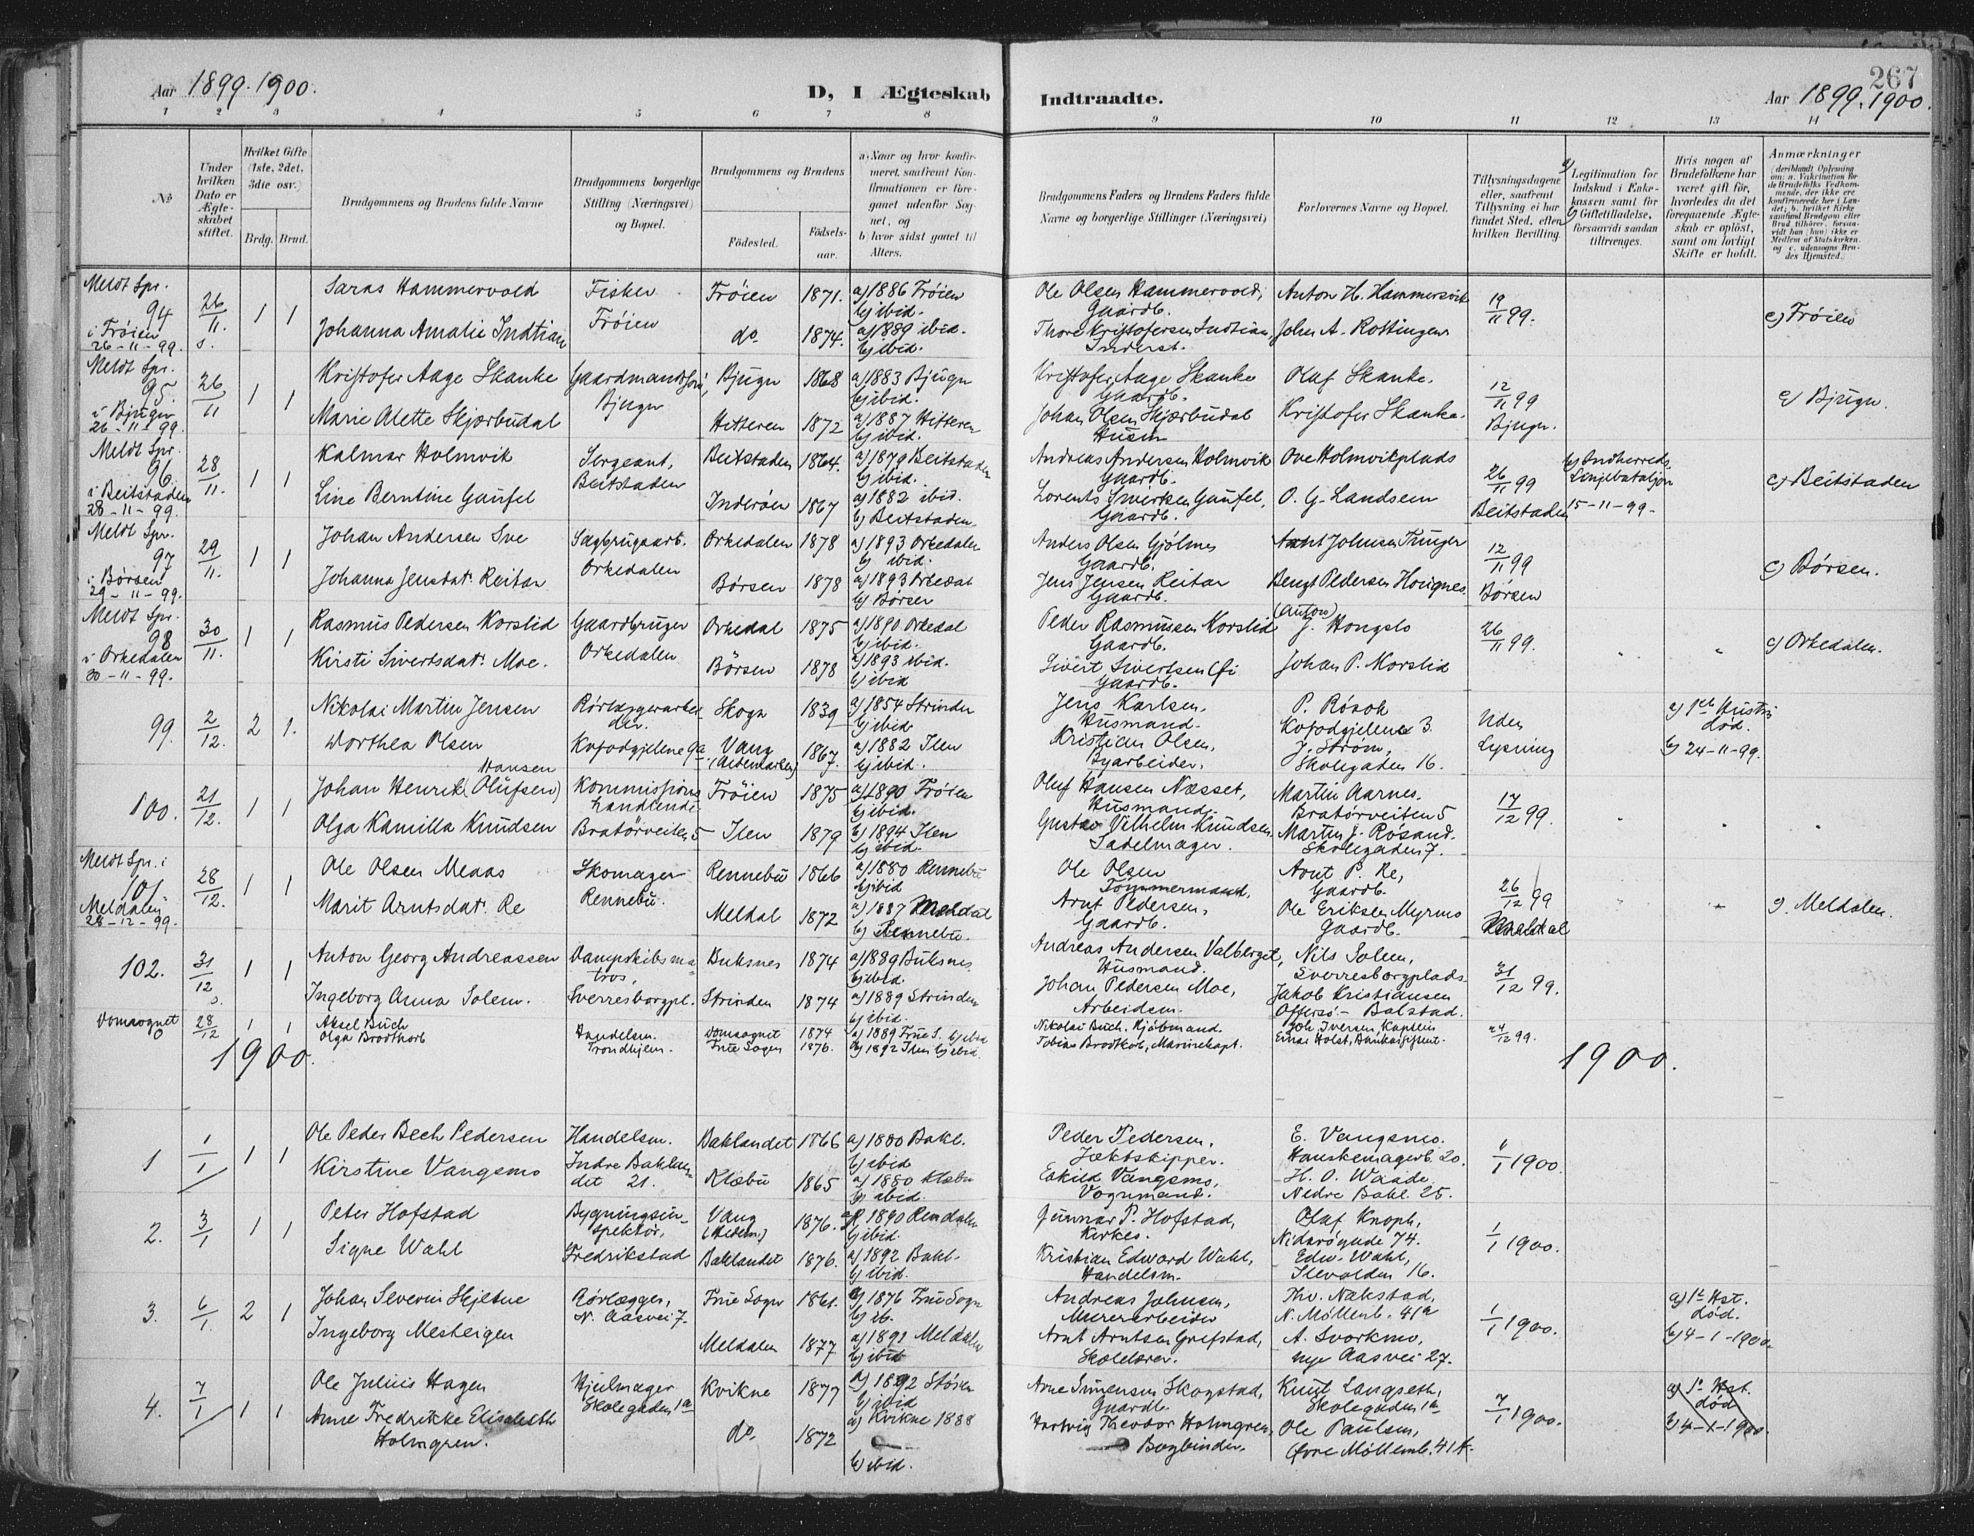 SAT, Ministerialprotokoller, klokkerbøker og fødselsregistre - Sør-Trøndelag, 603/L0167: Ministerialbok nr. 603A06, 1896-1932, s. 267